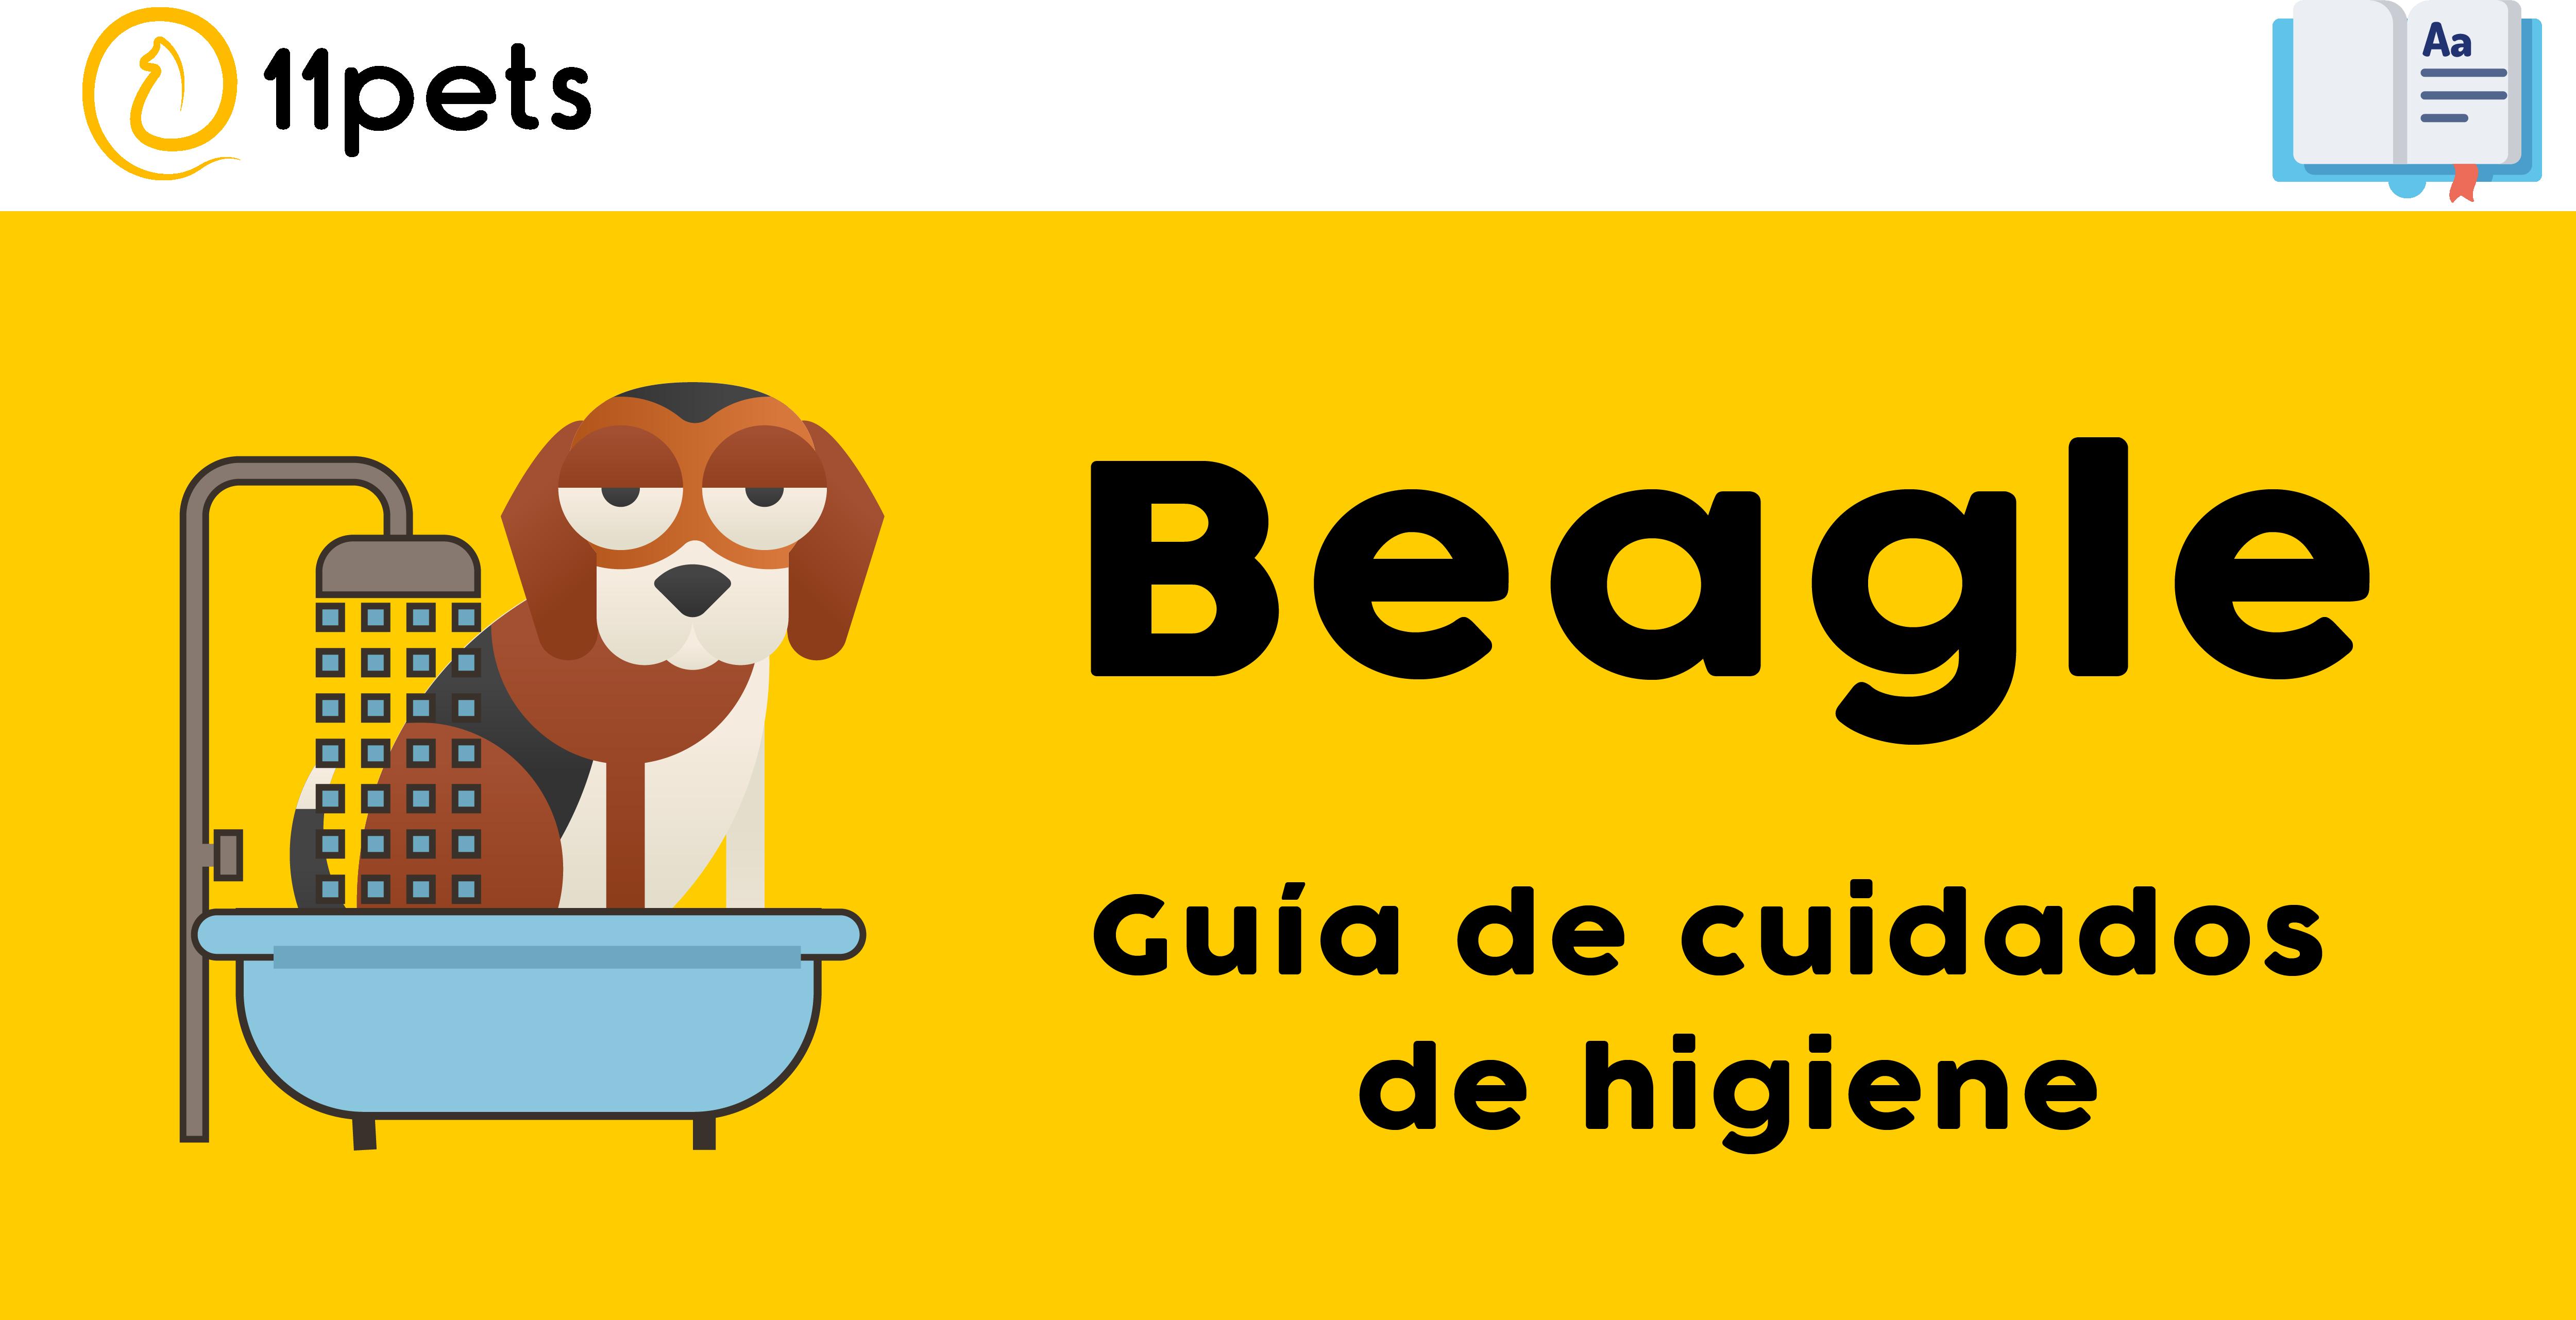 Guía de cuidados para la higiene de tu Beagle